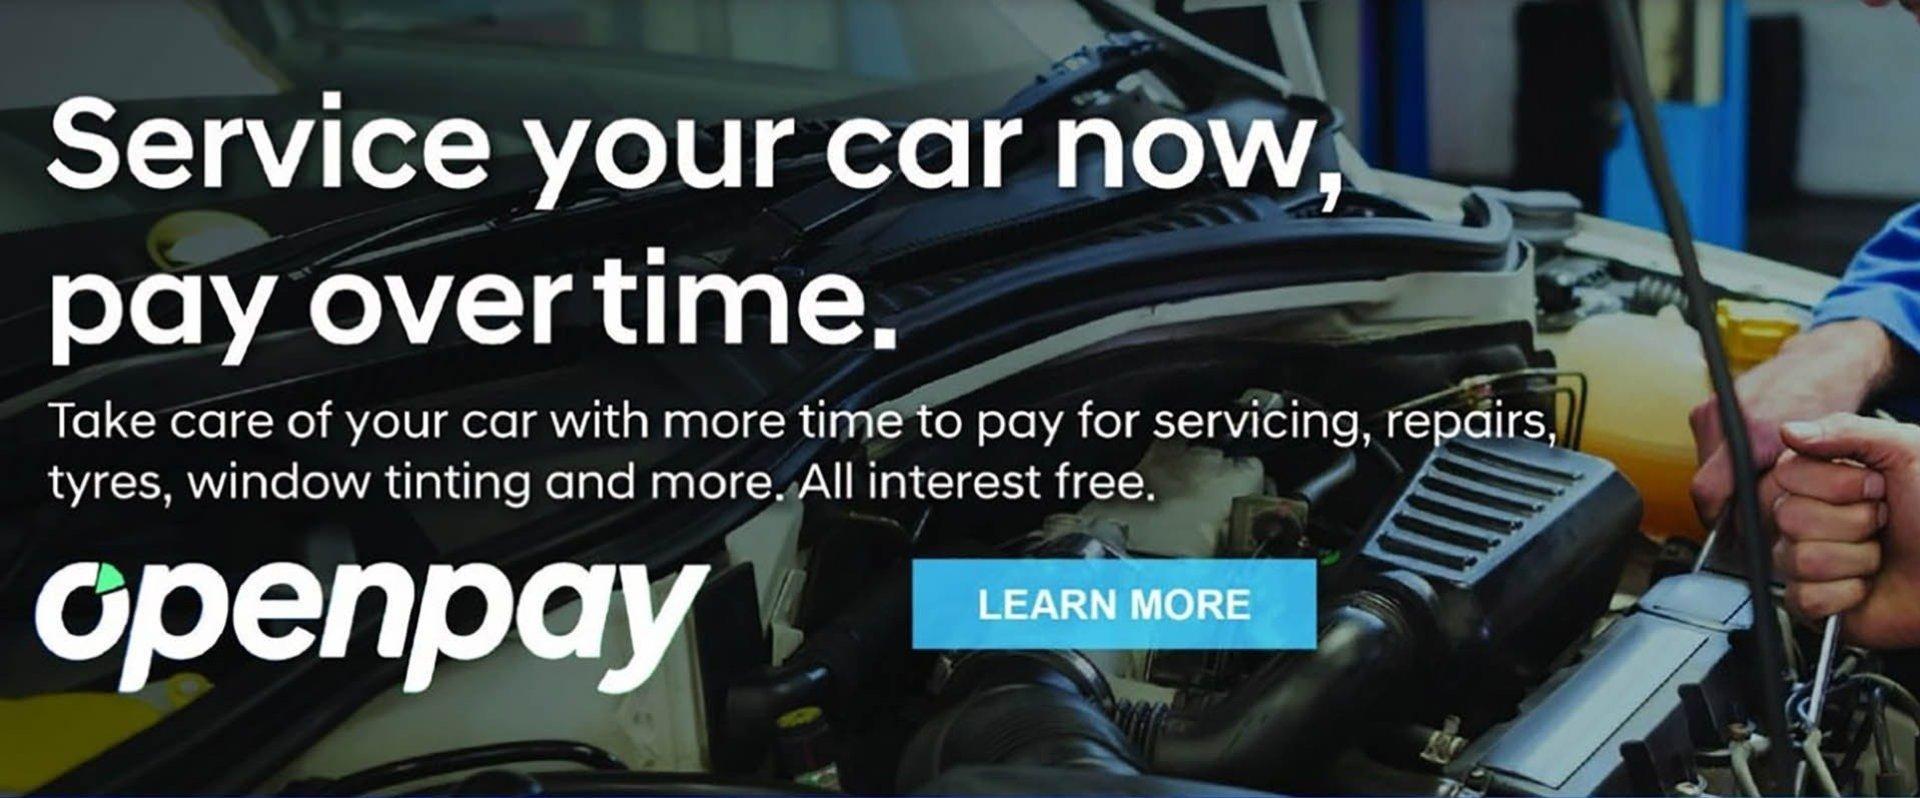 Ferntree Gully Volkswagen - Service